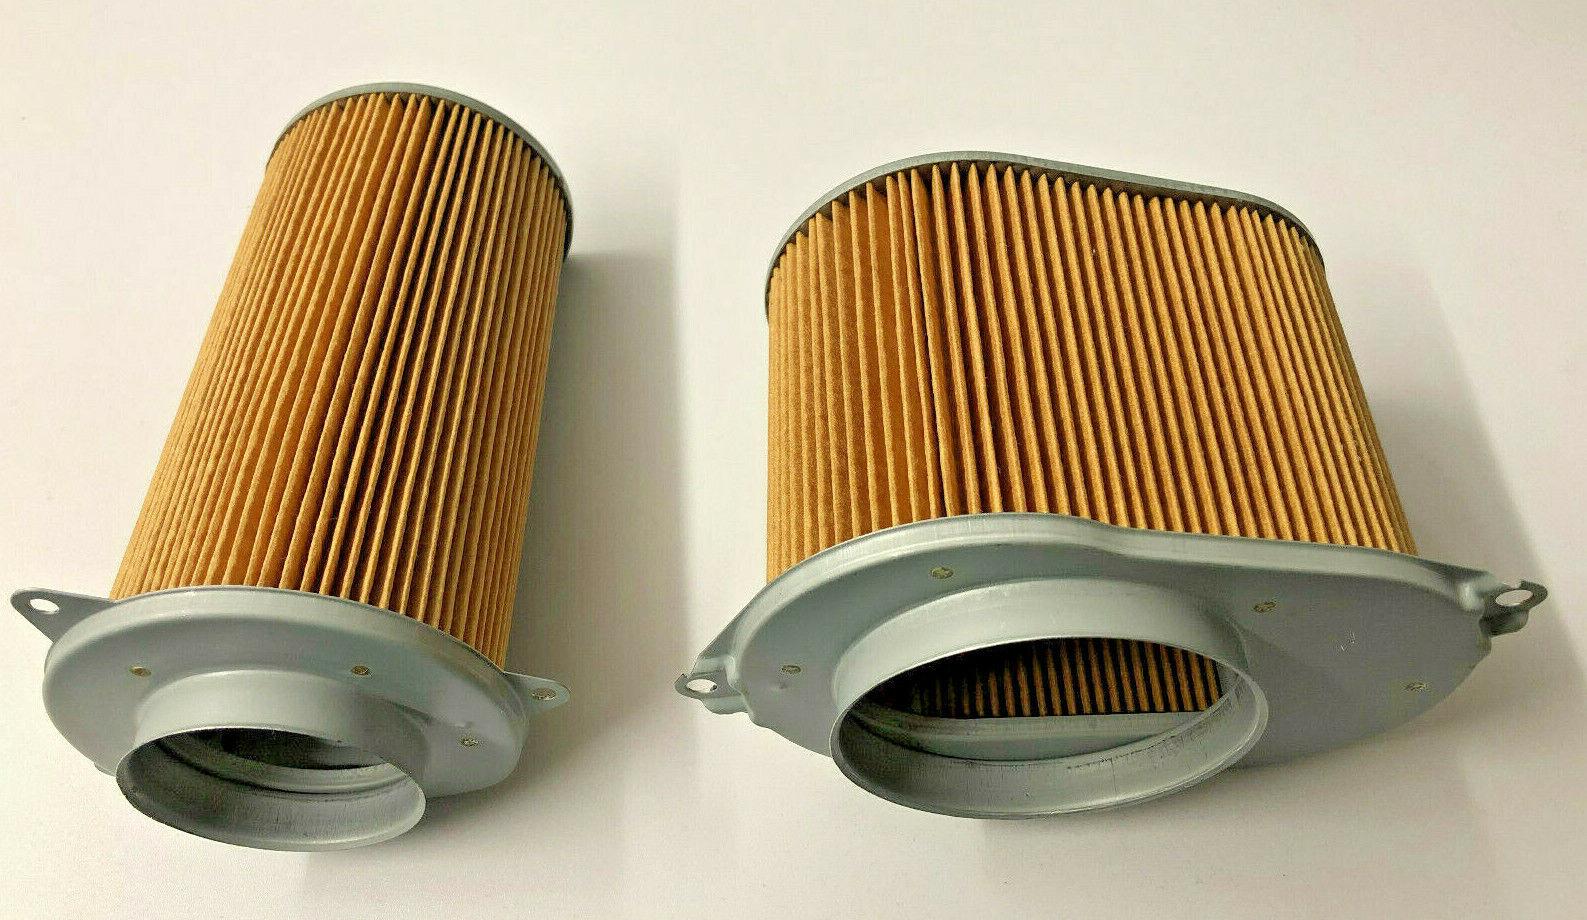 15 cm verlängerter Gaszug Suzuki VS 600 750 800 1400 Intruder VN51B VR51BD VS52B